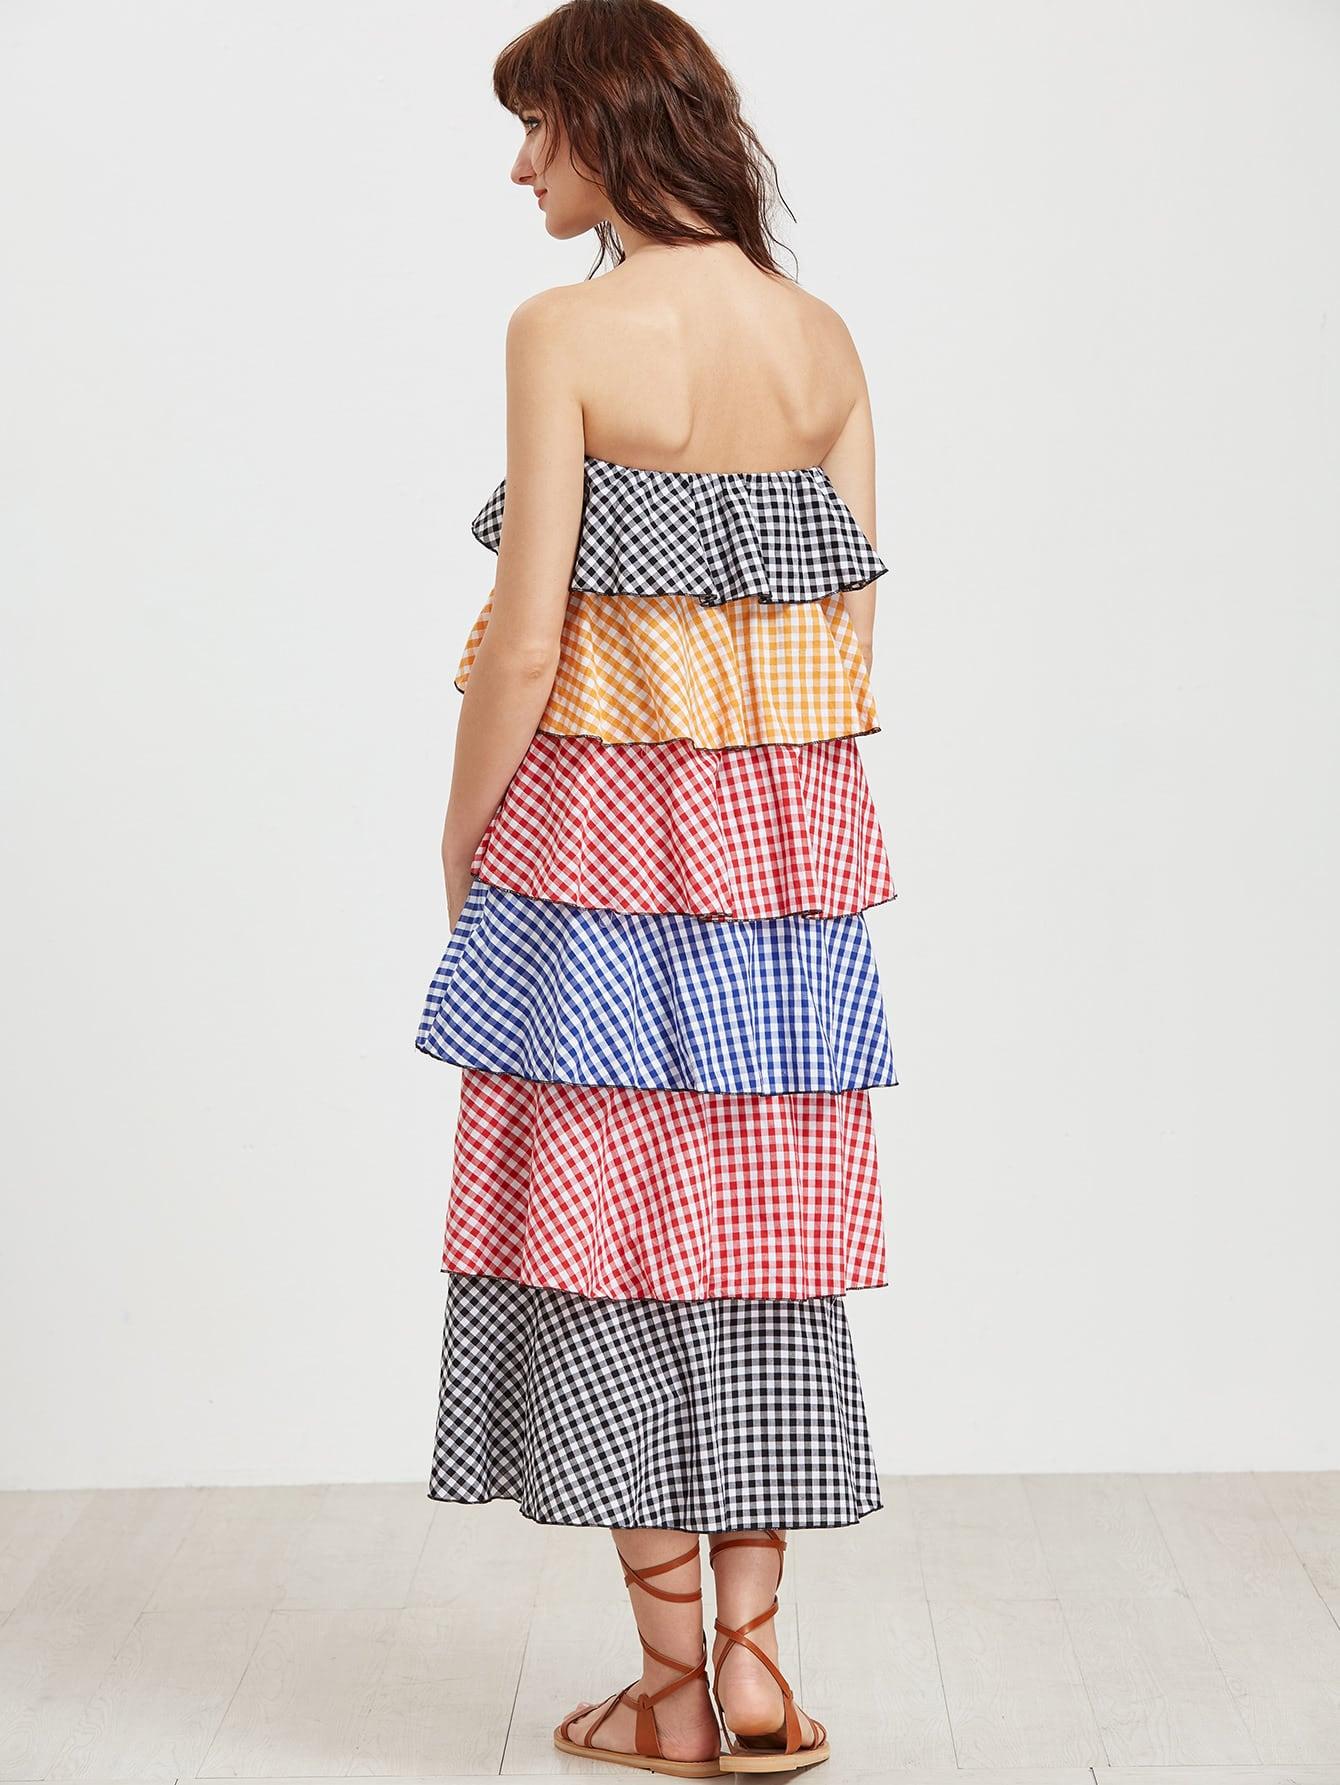 dress170213711_2